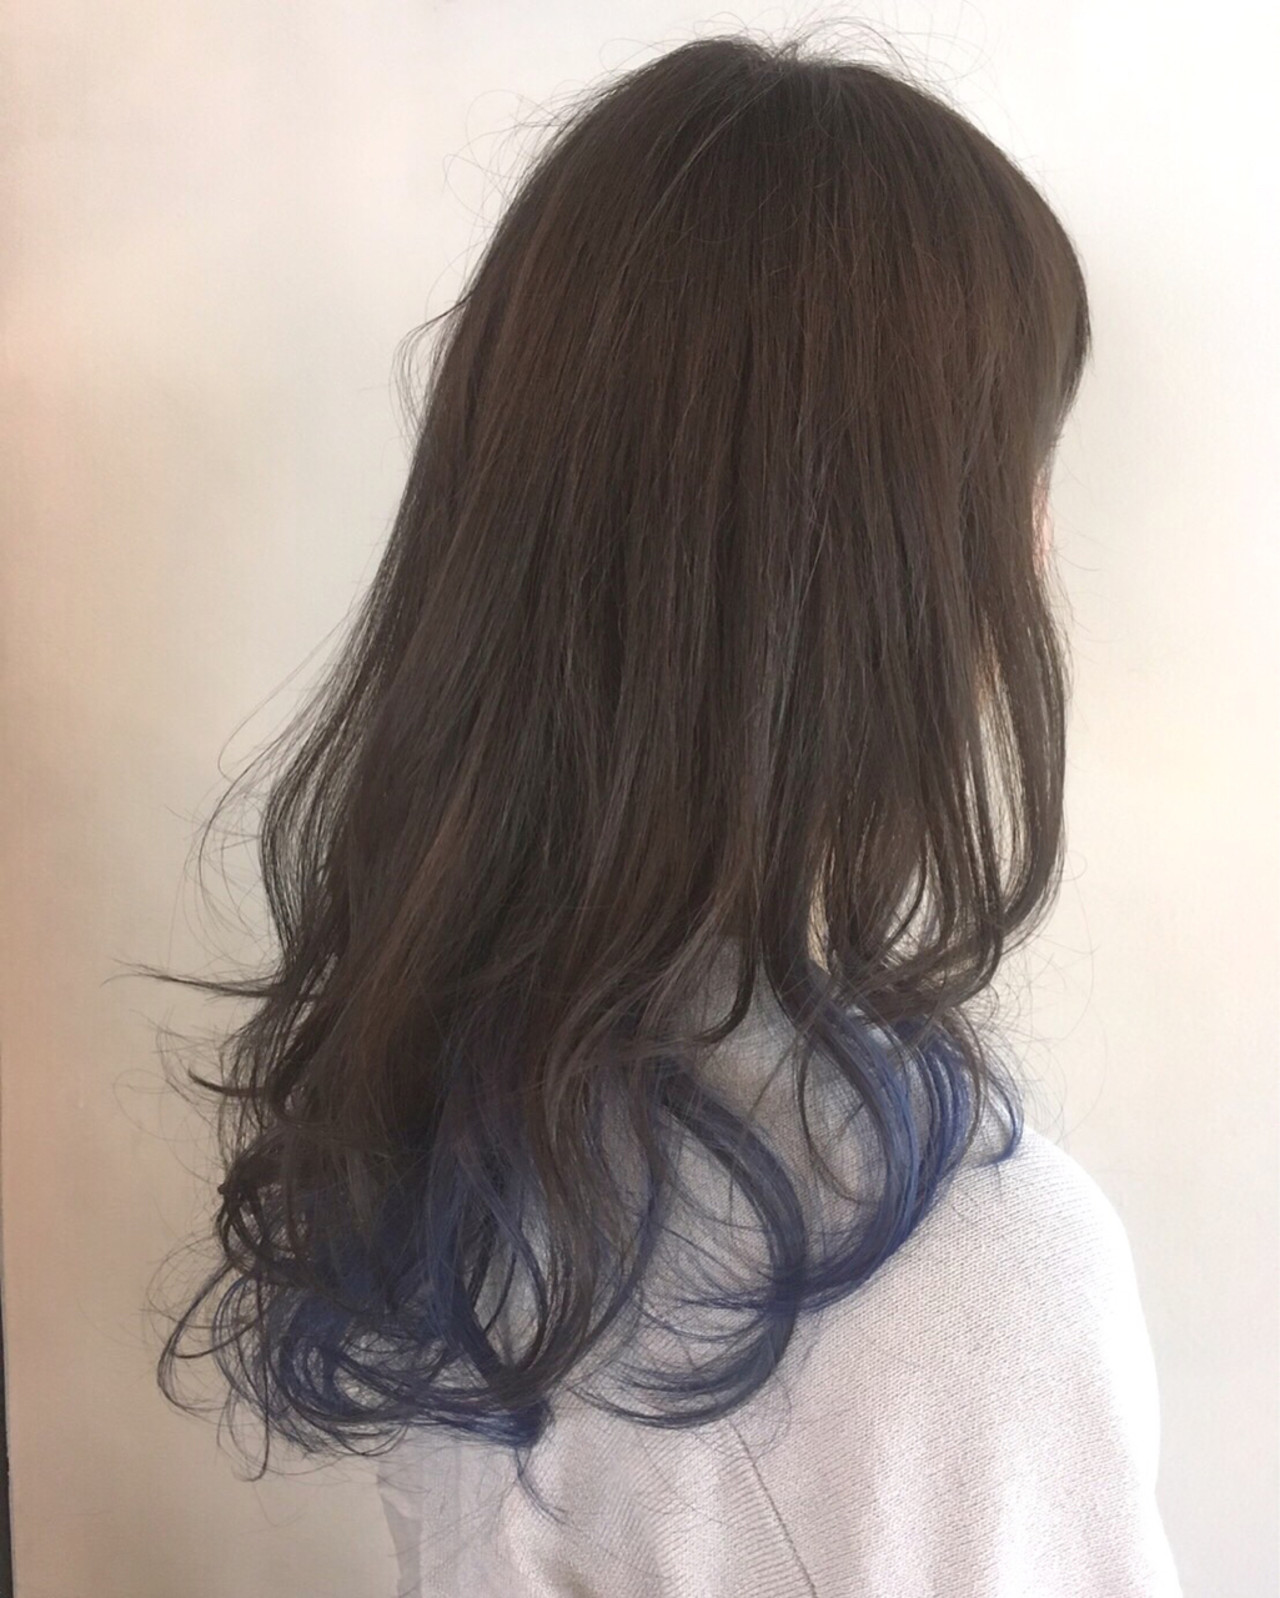 パーマ ロング グラデーションカラー アッシュヘアスタイルや髪型の写真・画像